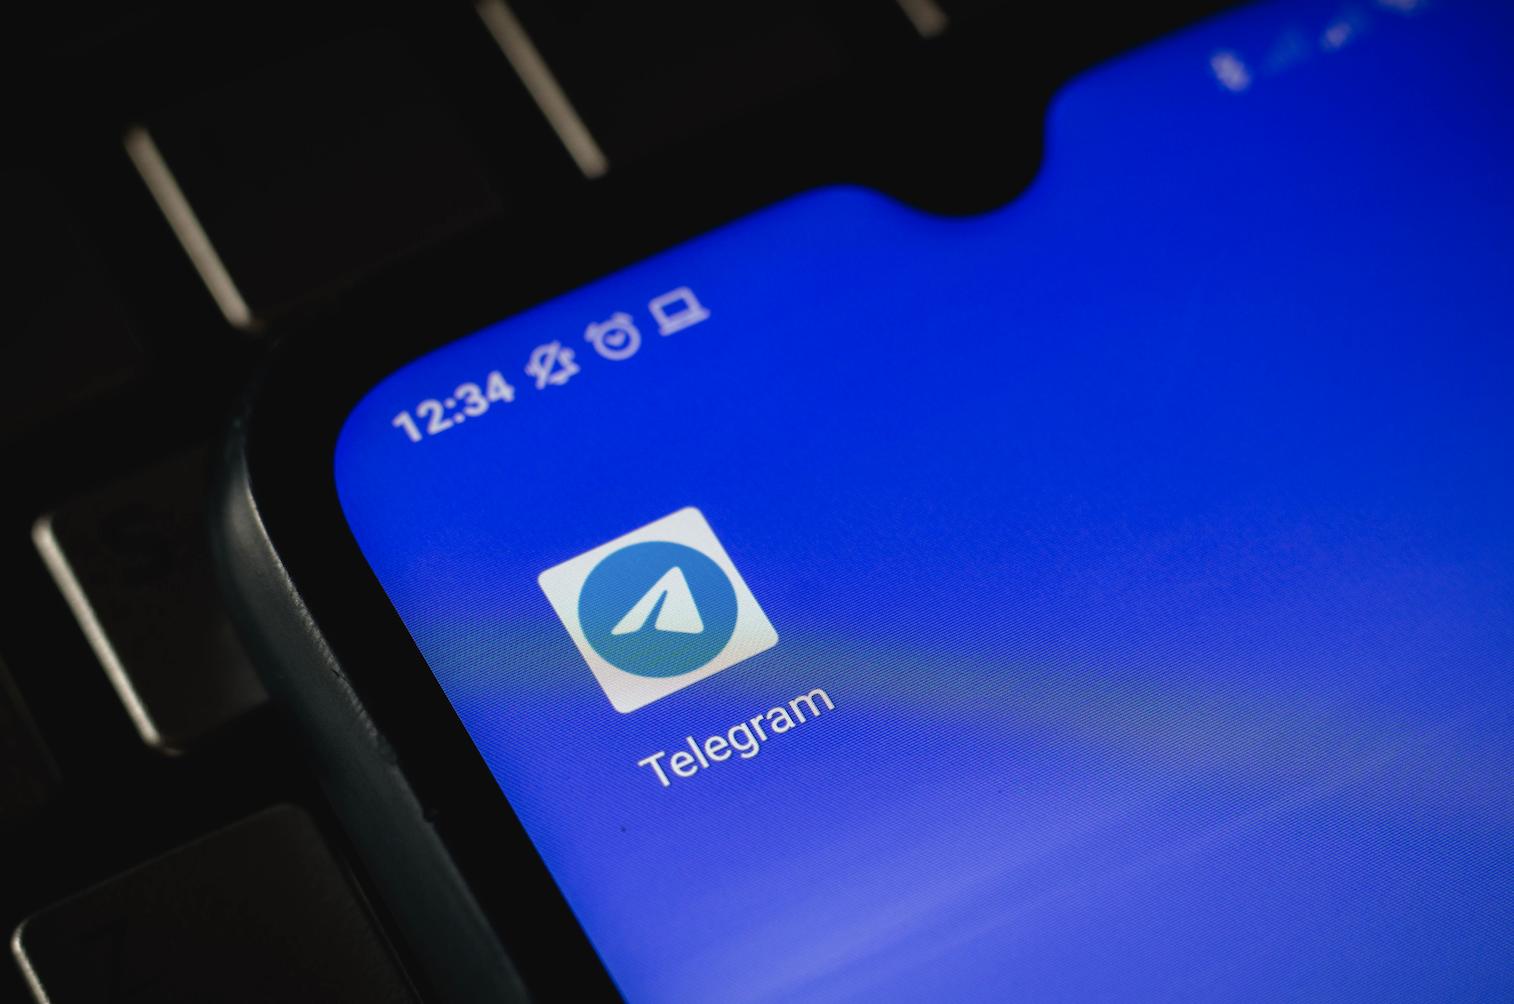 Дуров назвал имена президентов, которые завели аккаунты в Телеграме